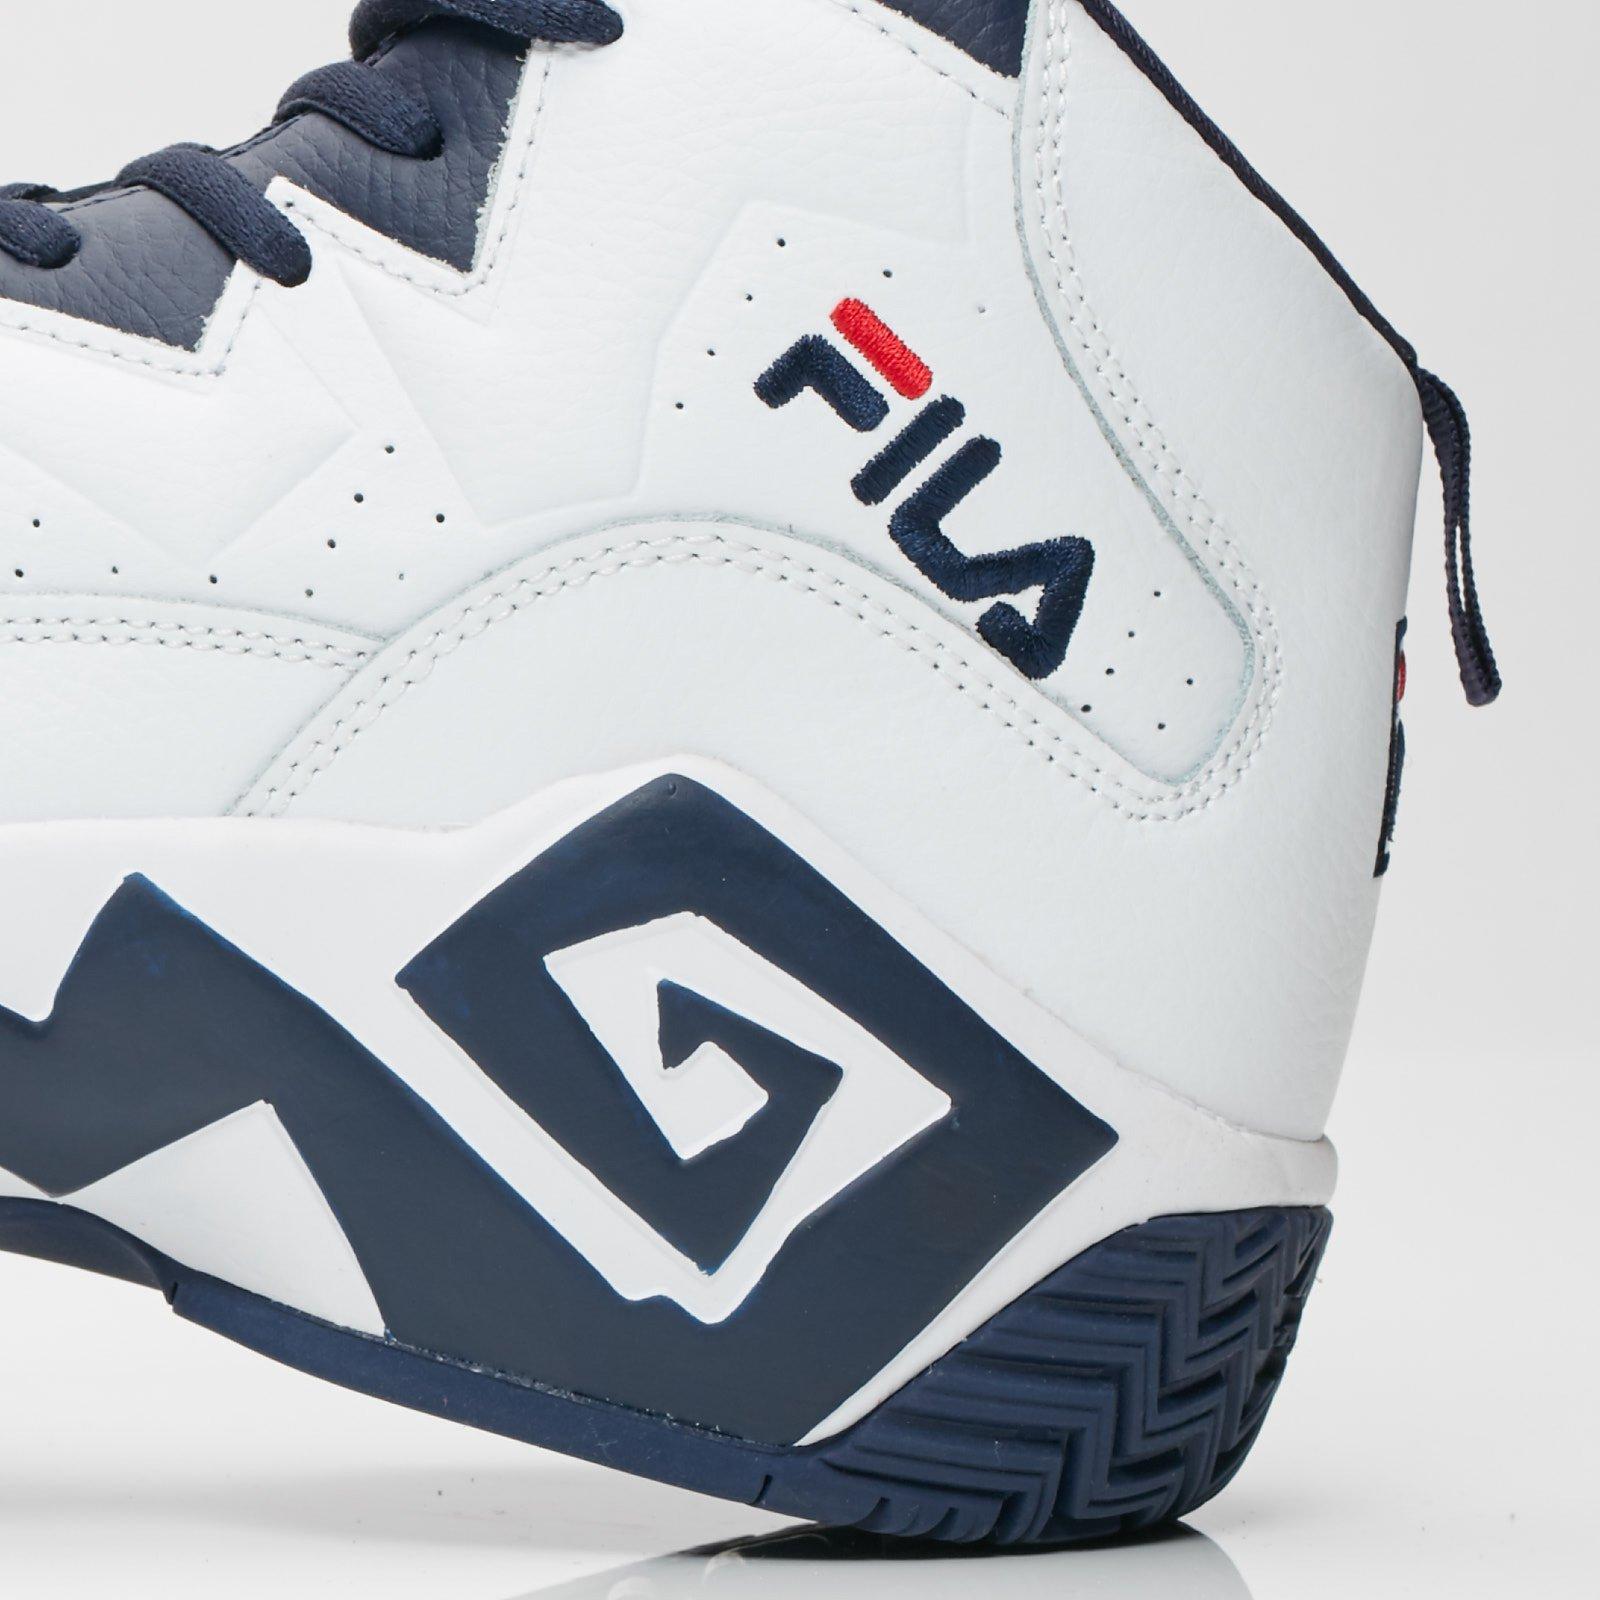 Fila MB - 1bm00055-125 - Sneakersnstuff  3b041fa3ffec5